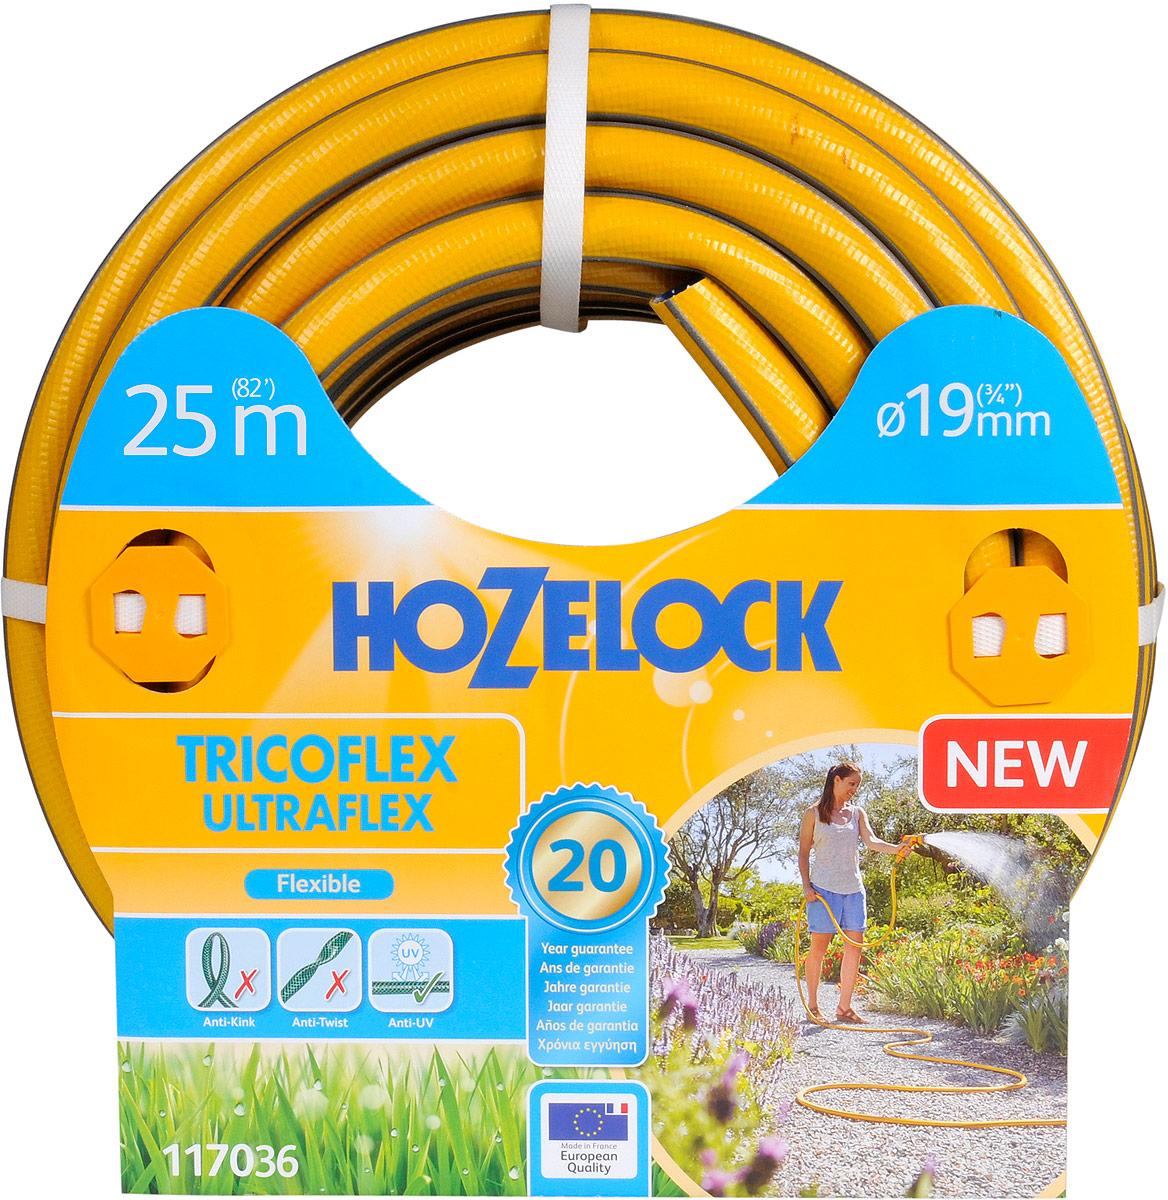 Шланг HoZelock 117036 Tricoflex Ultraflex 19 мм 25 м • Повышенная эластичность• Устойчивость к перегибам и перекручиваниюСостоящий из 5-ти слоев Шланг HoZelock Tricoflex Ultraflex изготовлен по технологии, которая позволяет прокладывать Шланг по участку без усилий в любом направлении. Гладкий внутренний слой обеспечивает максимальный ток воды через Шланг. ПВХ слои по технологии Soft&Flex придают прочность стенкам Шланга, одновременно сокращая вес и улучшая подвижность Шланга при работе в саду. Шланг укладывается в системы хранения (катушки, тележки) с минимальными усилиями. Специальная технология DмH4 защищает от перекручивания, обеспечивает идеальный ток воды в любом положении. Благодаря технологии Ergo Rib Шланг легко сматывается и удобен в эксплуатации. Прочный внешний ПВХ слой защищает Шланг от повреждений и продлевает срок его службы.